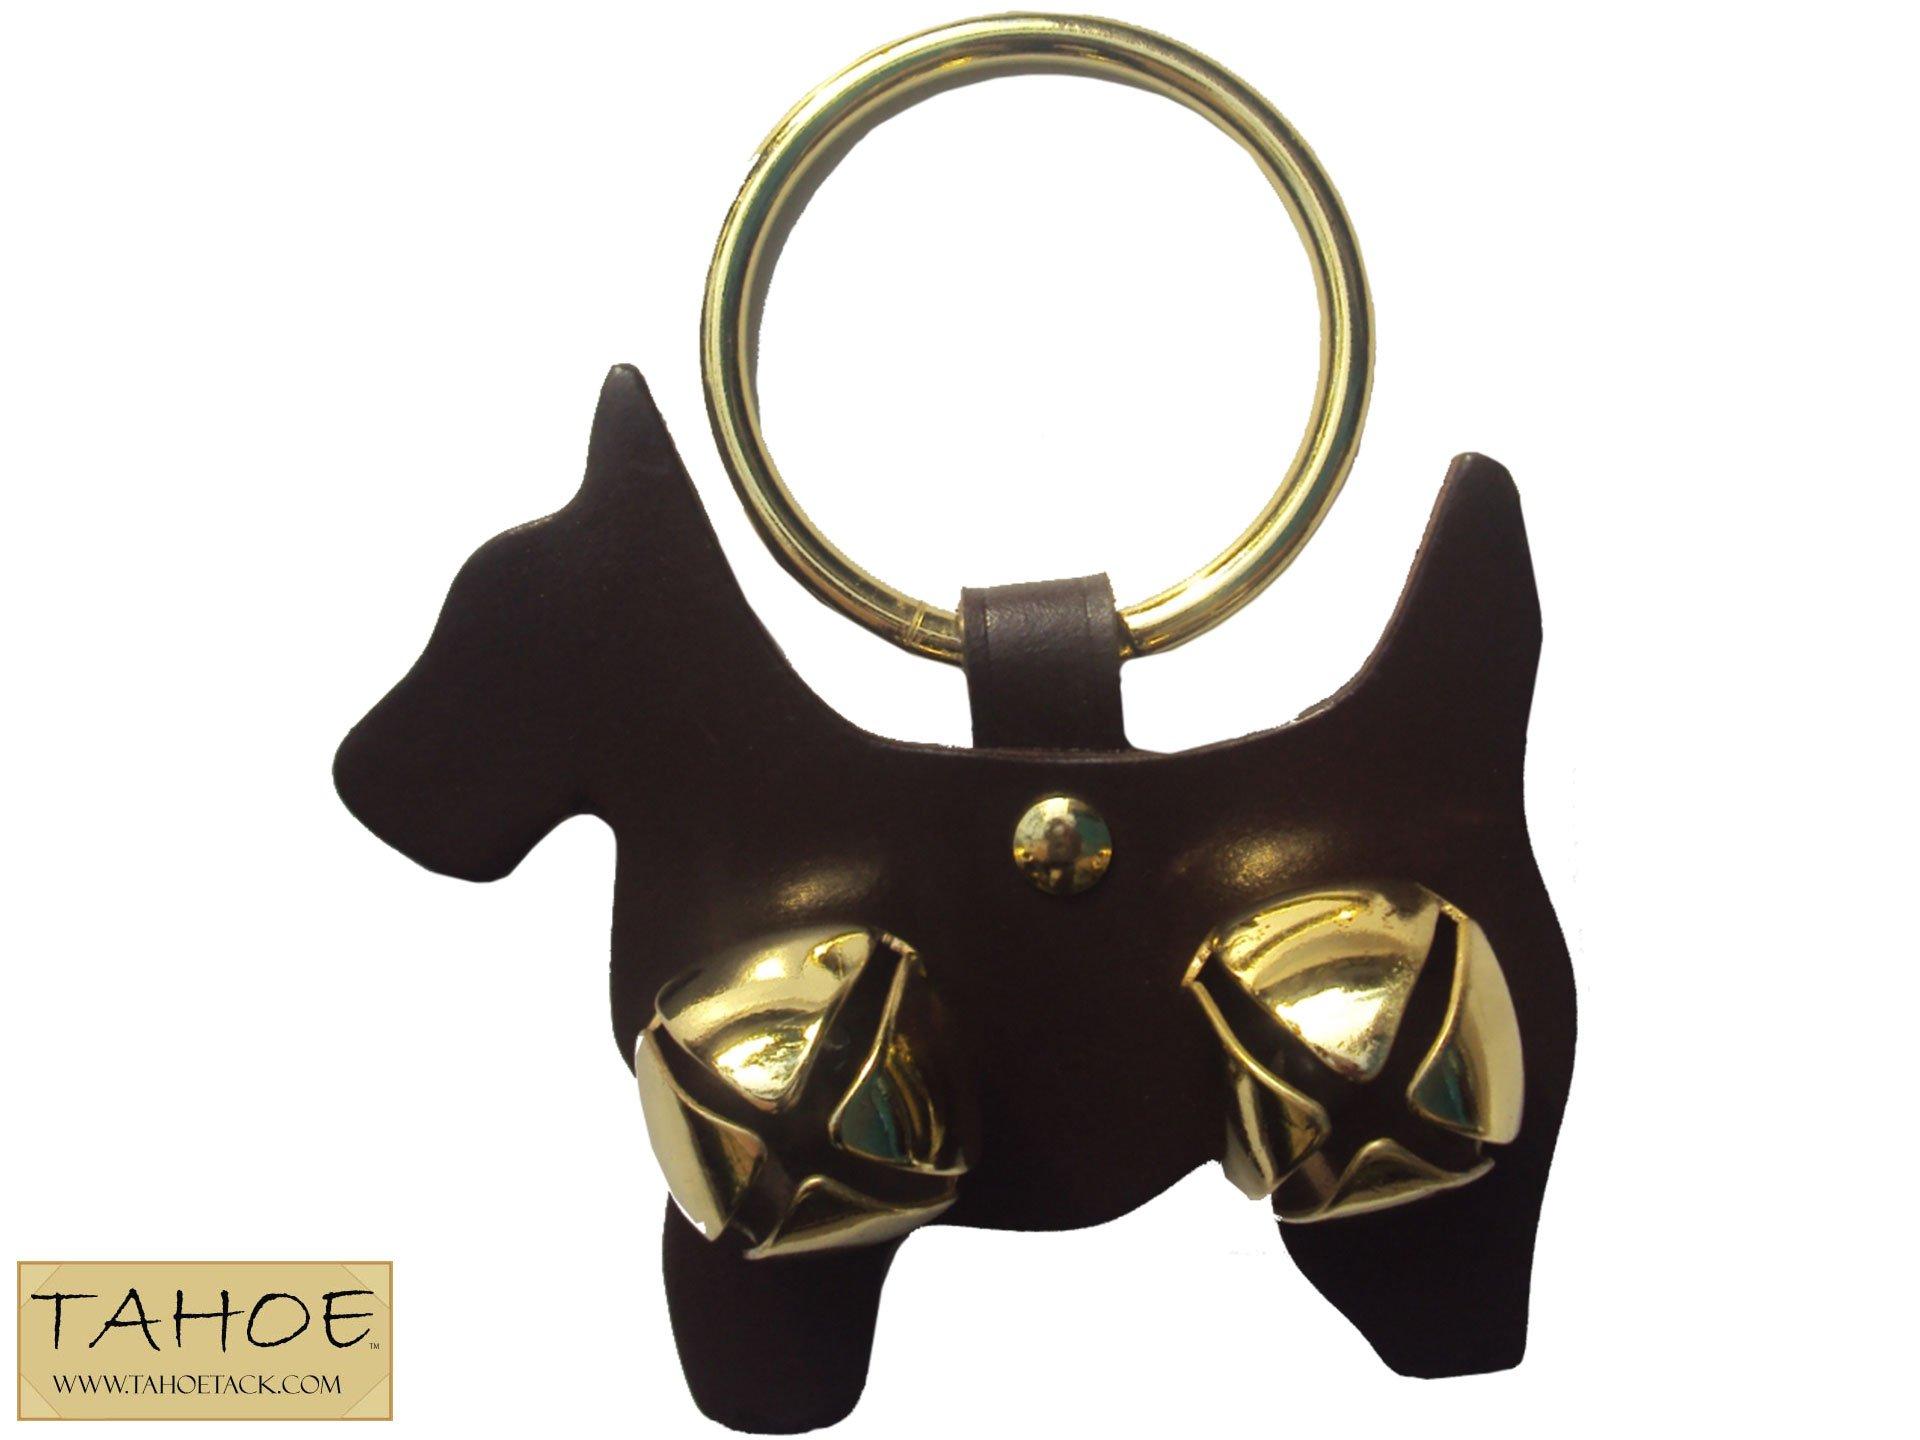 Tahoe Tack Tah-0768 Fancy Holiday Brass Animal Shaped Sleigh Bell Leather Door Hangers, Dark Brown